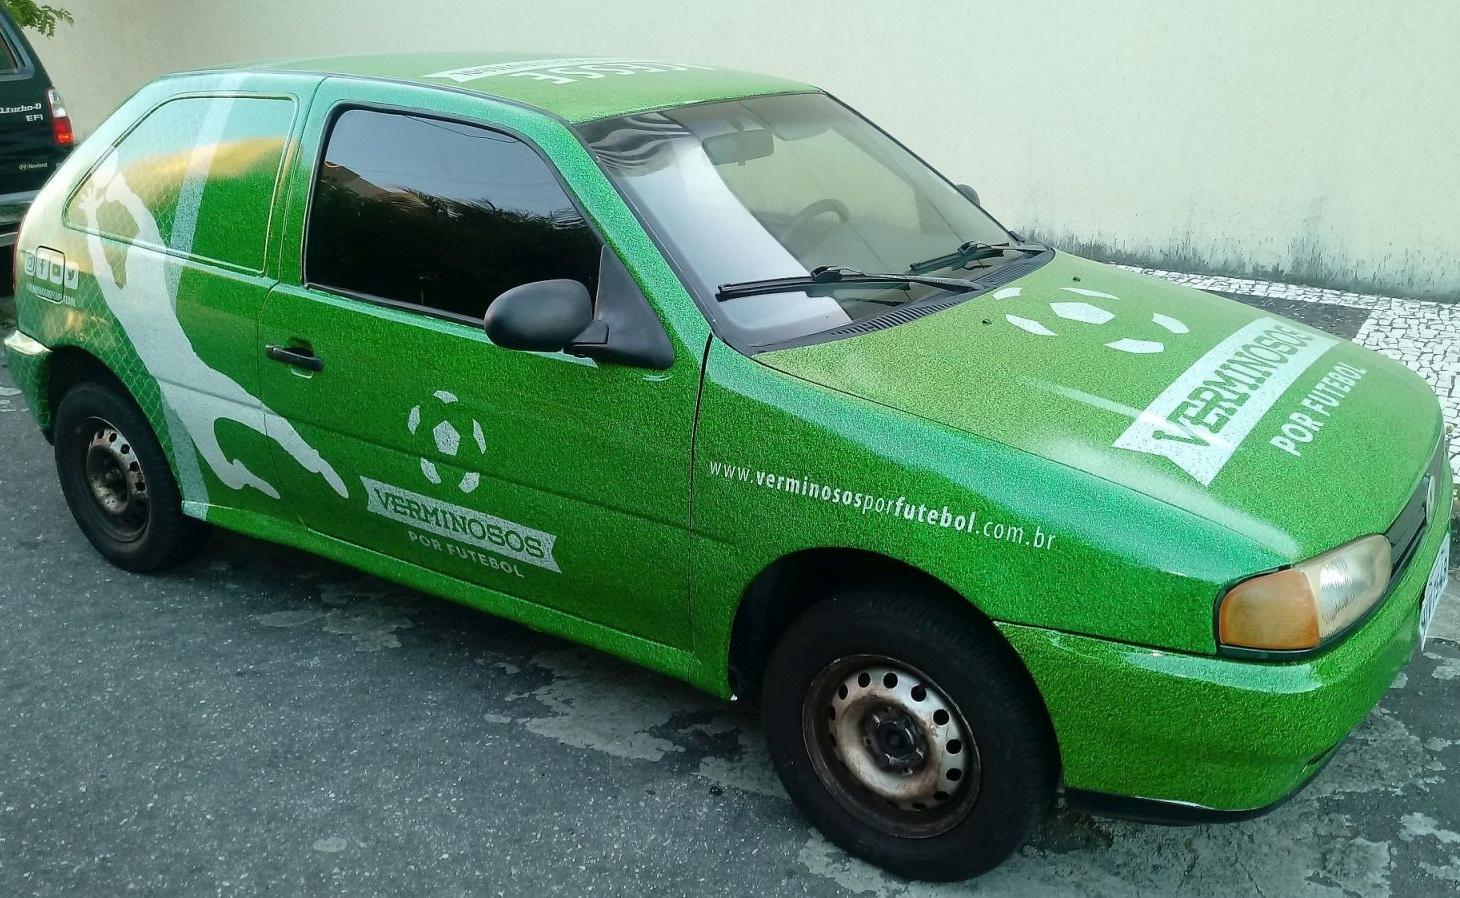 Cinco anos depois da 1ª adesivagem, o carro agora tem nova cara (Foto: Verminosos por Futebol)